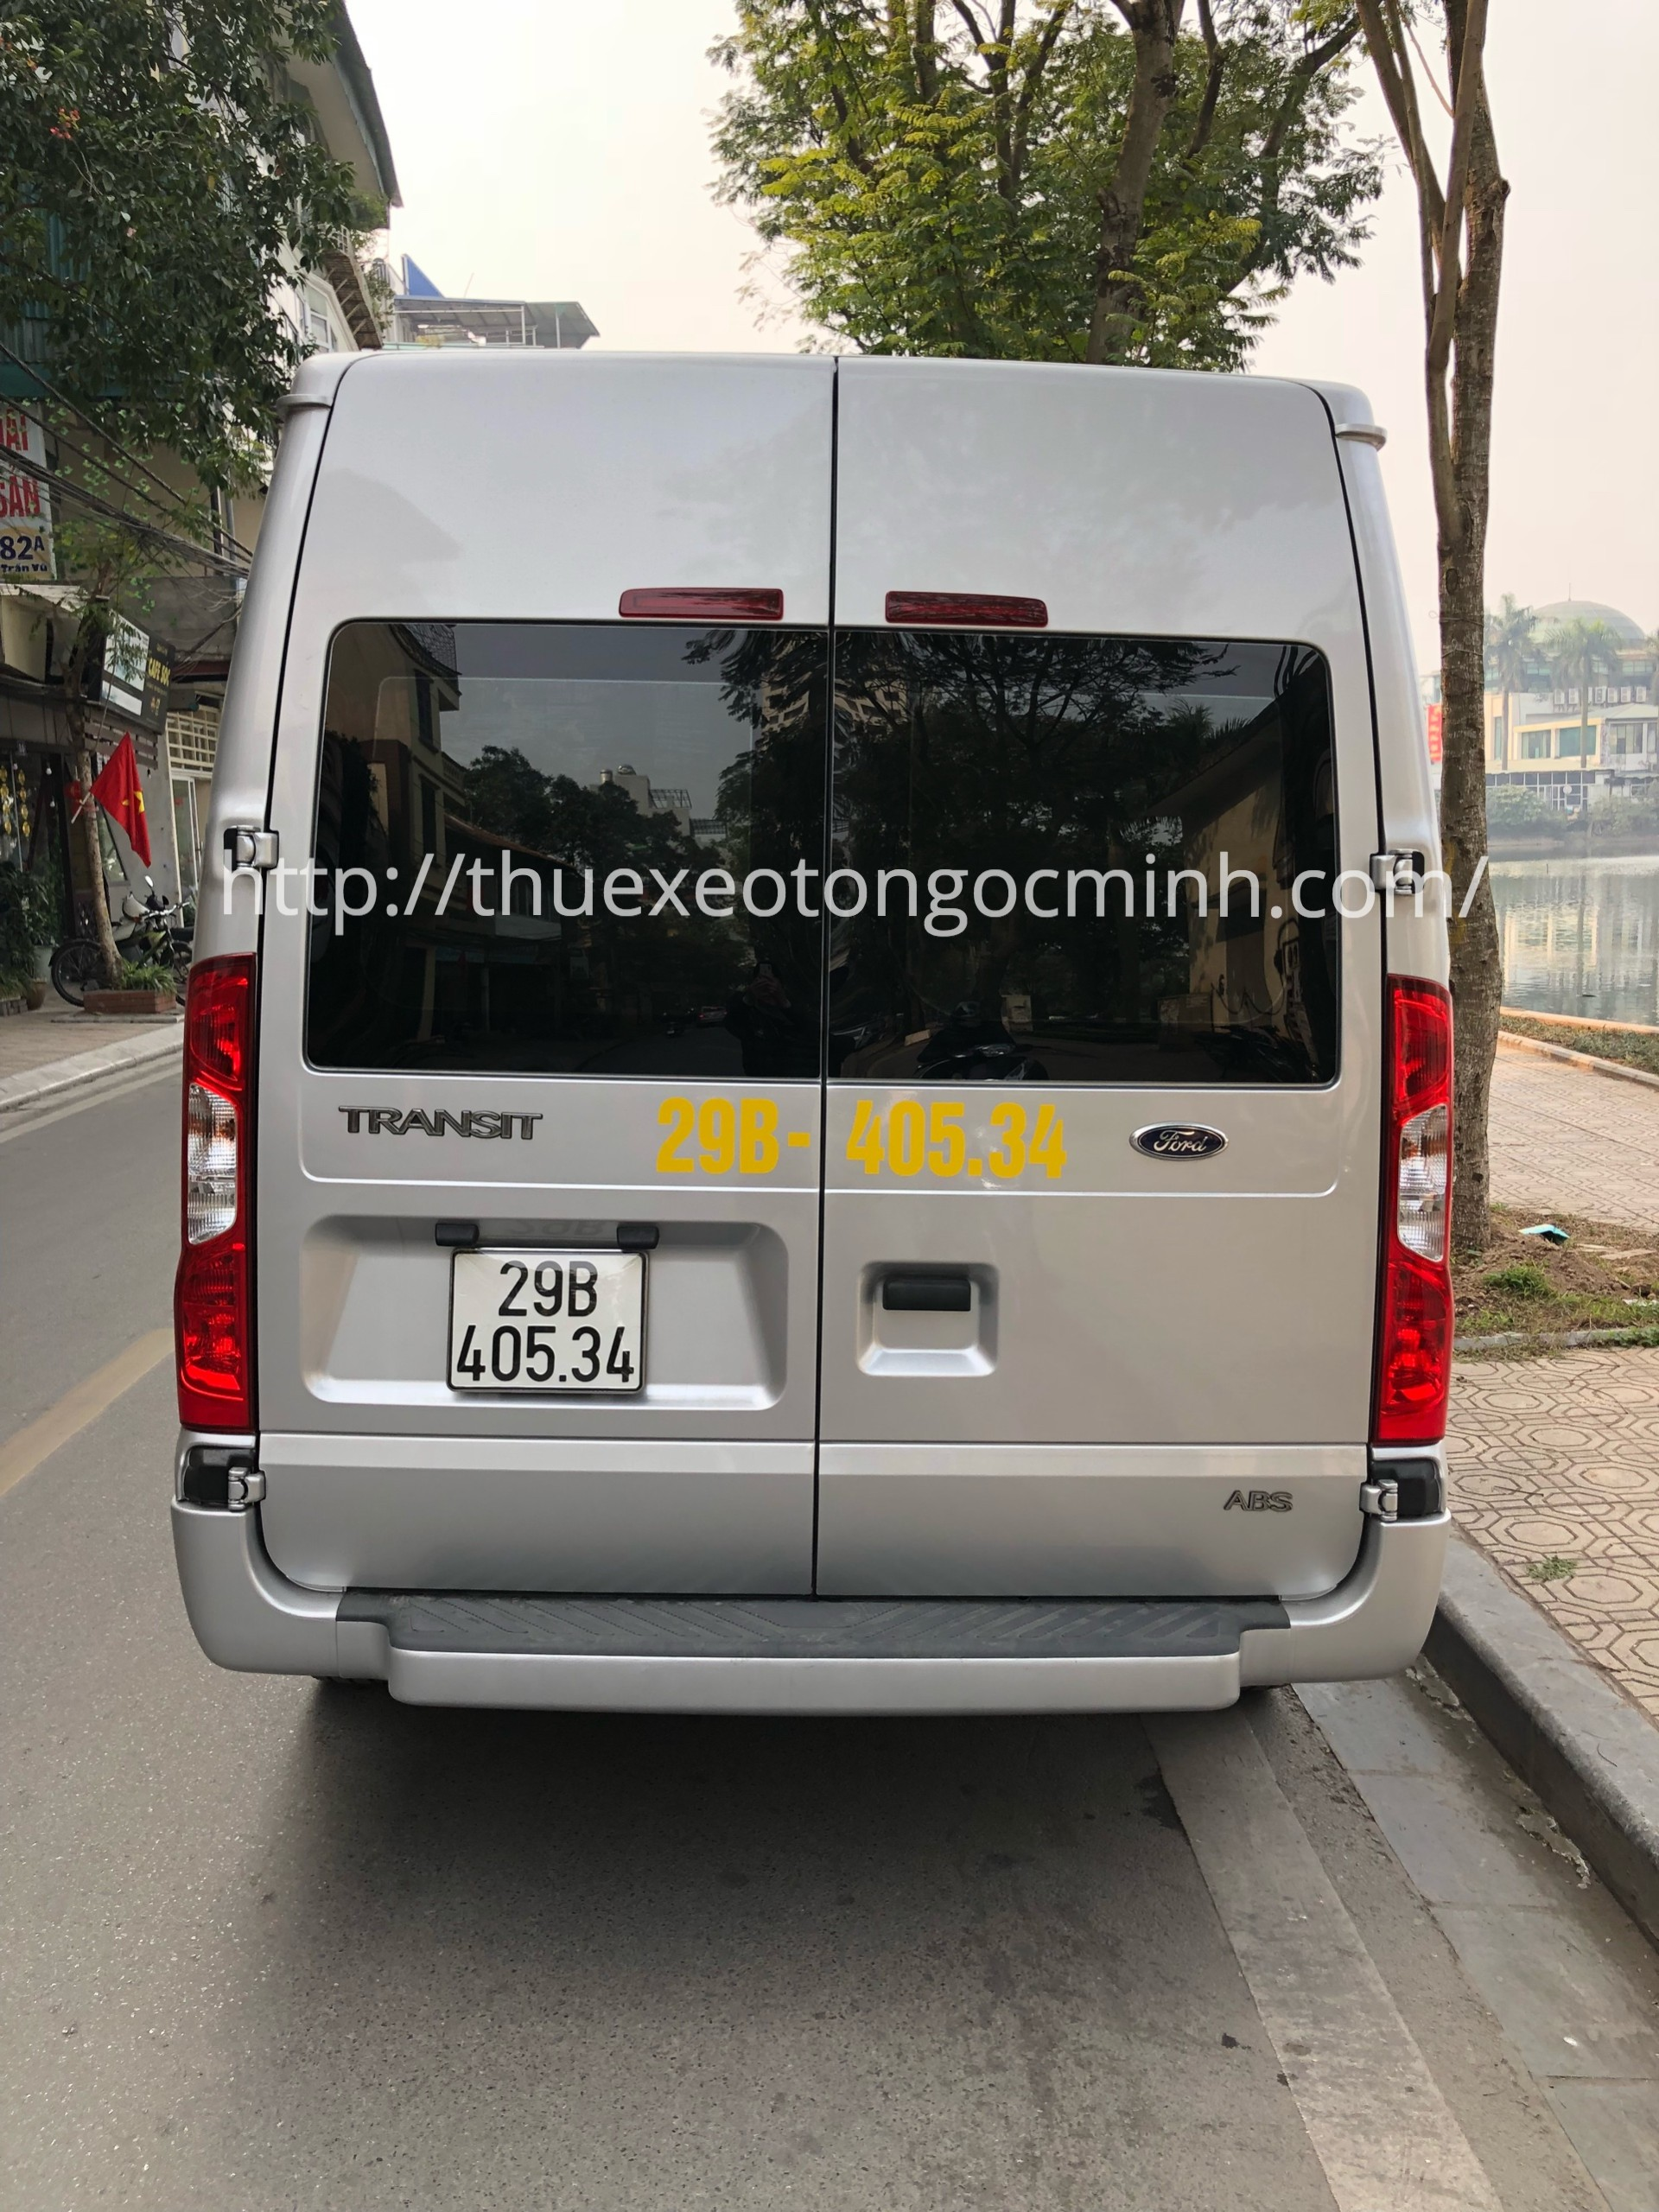 Thuê xe tháng 16 chỗ ford Transit tại Hà Nội